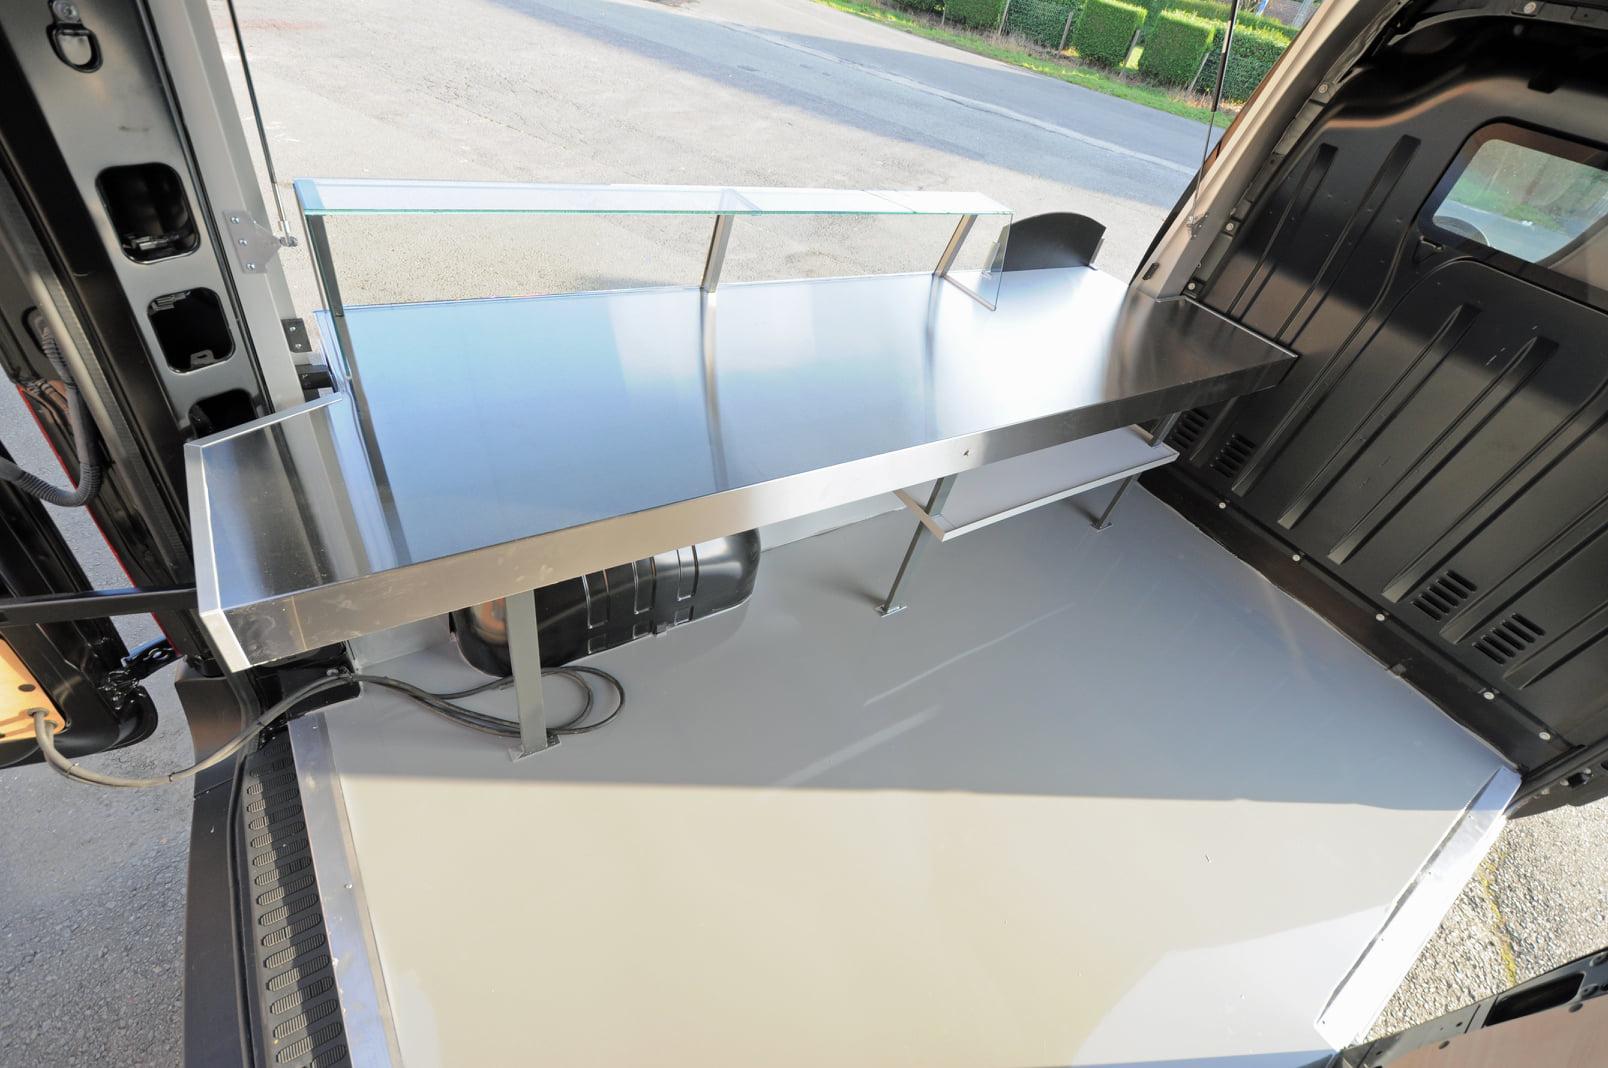 ARTIWAF,-vers-bereide-artisanale-wafels-op-de-markt-heeft-een-nieuwe-bestelwagen--8-11-2020--(2)